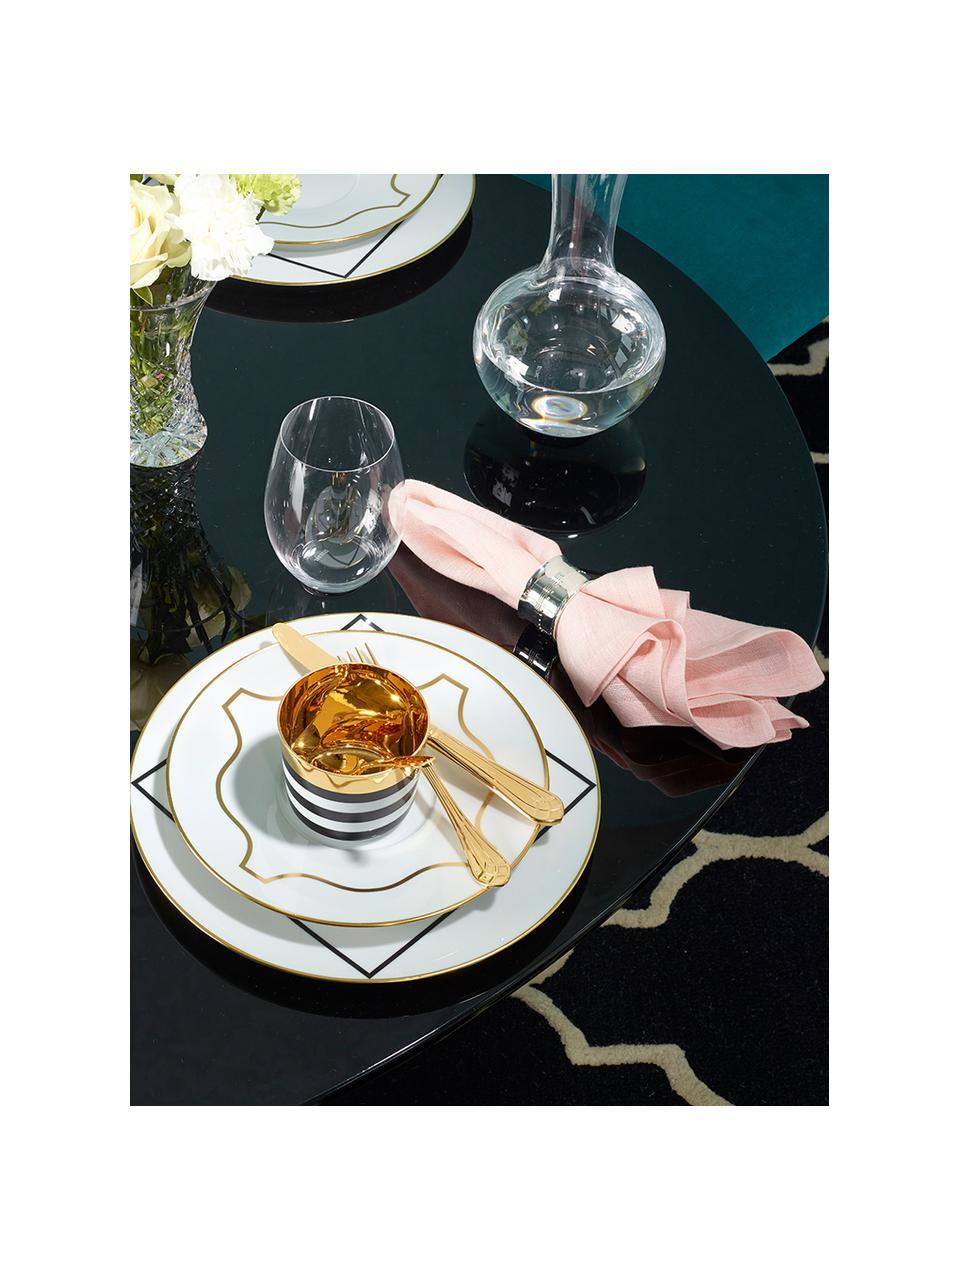 Pozłacany kubek do szampana z porcelany Sip of Gold, Czarny, biały, złoty, Ø 9 x W 7 cm